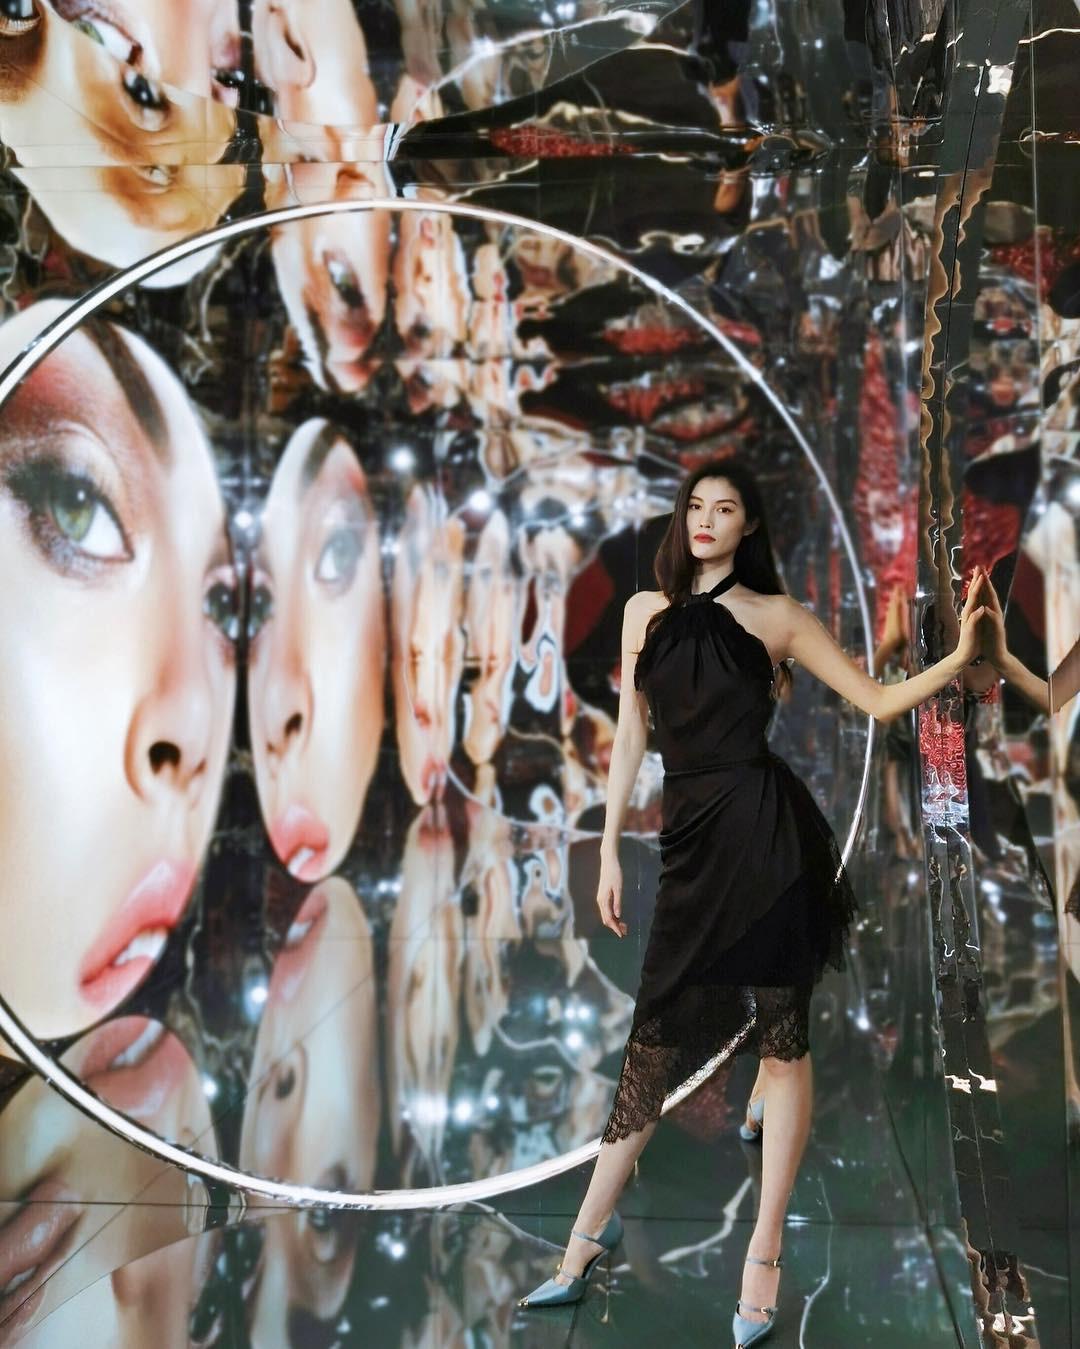 Cùng một kiểu đầm: Kylie Jenner bị mỉa là như mặc... bao rác, nhìn sang chân dài Victorias Secret lại khác hẳn - Ảnh 2.